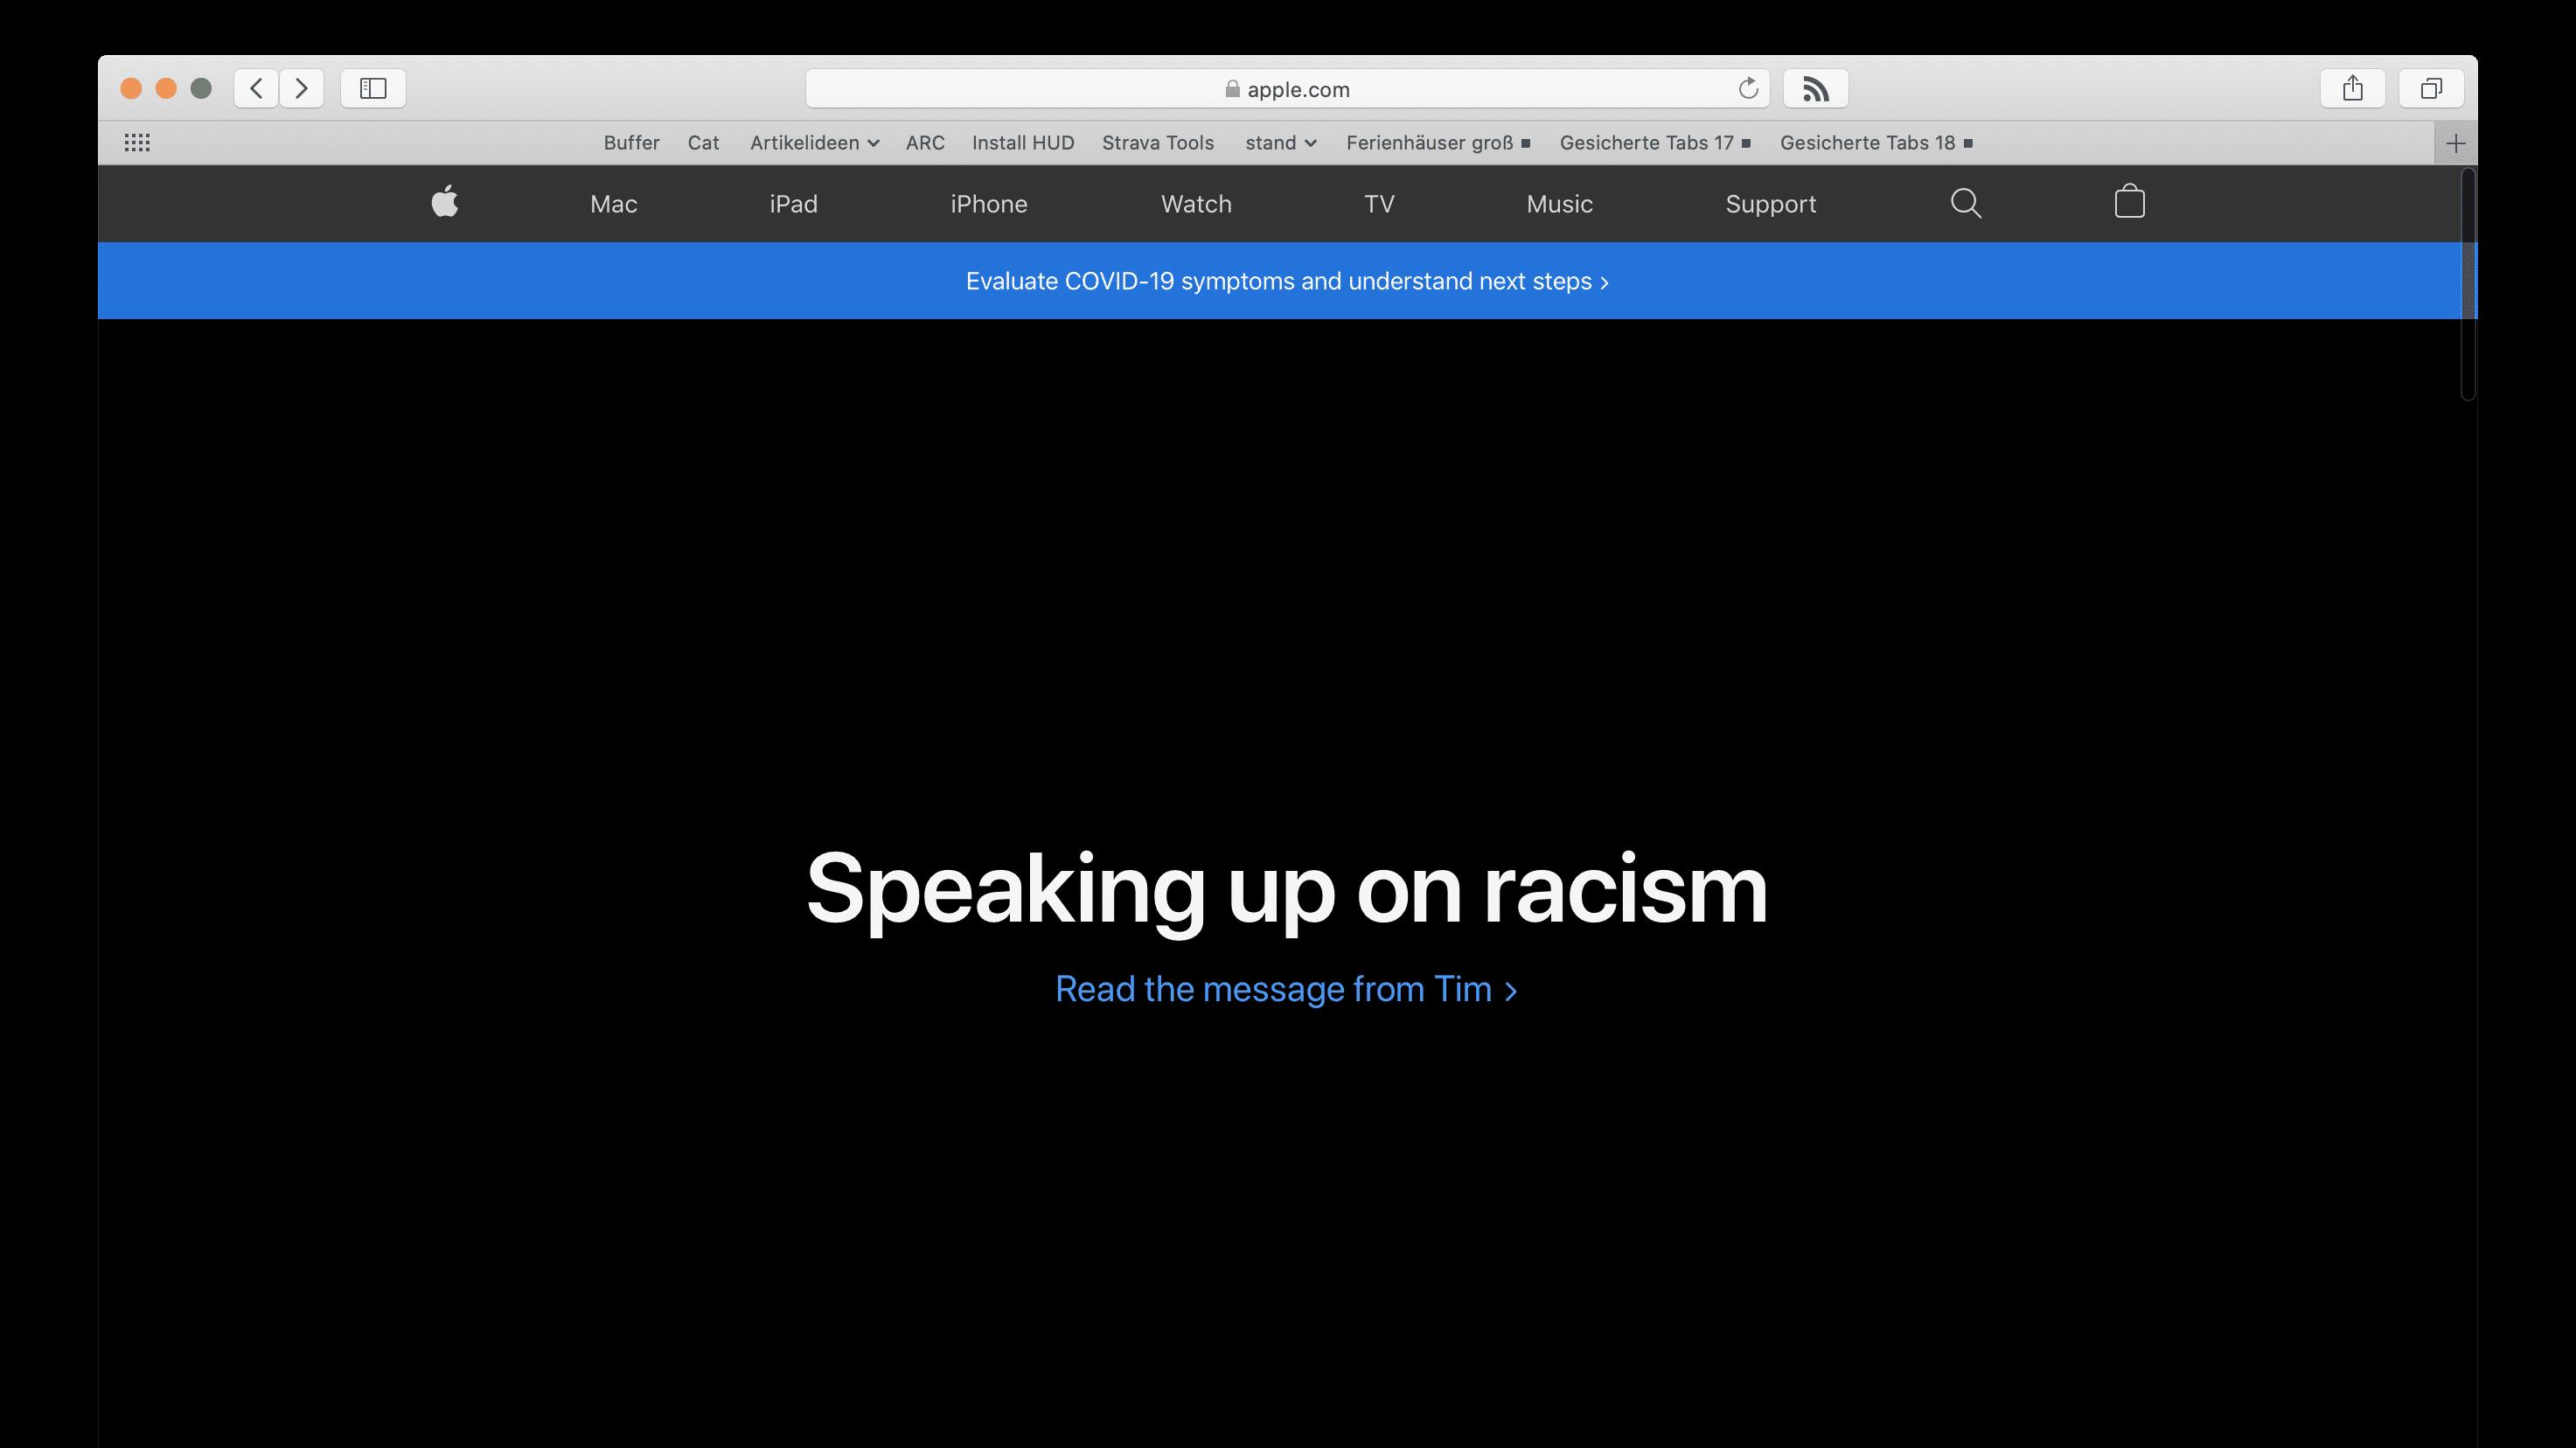 Apple mit offenem Brief gegen Rassismus